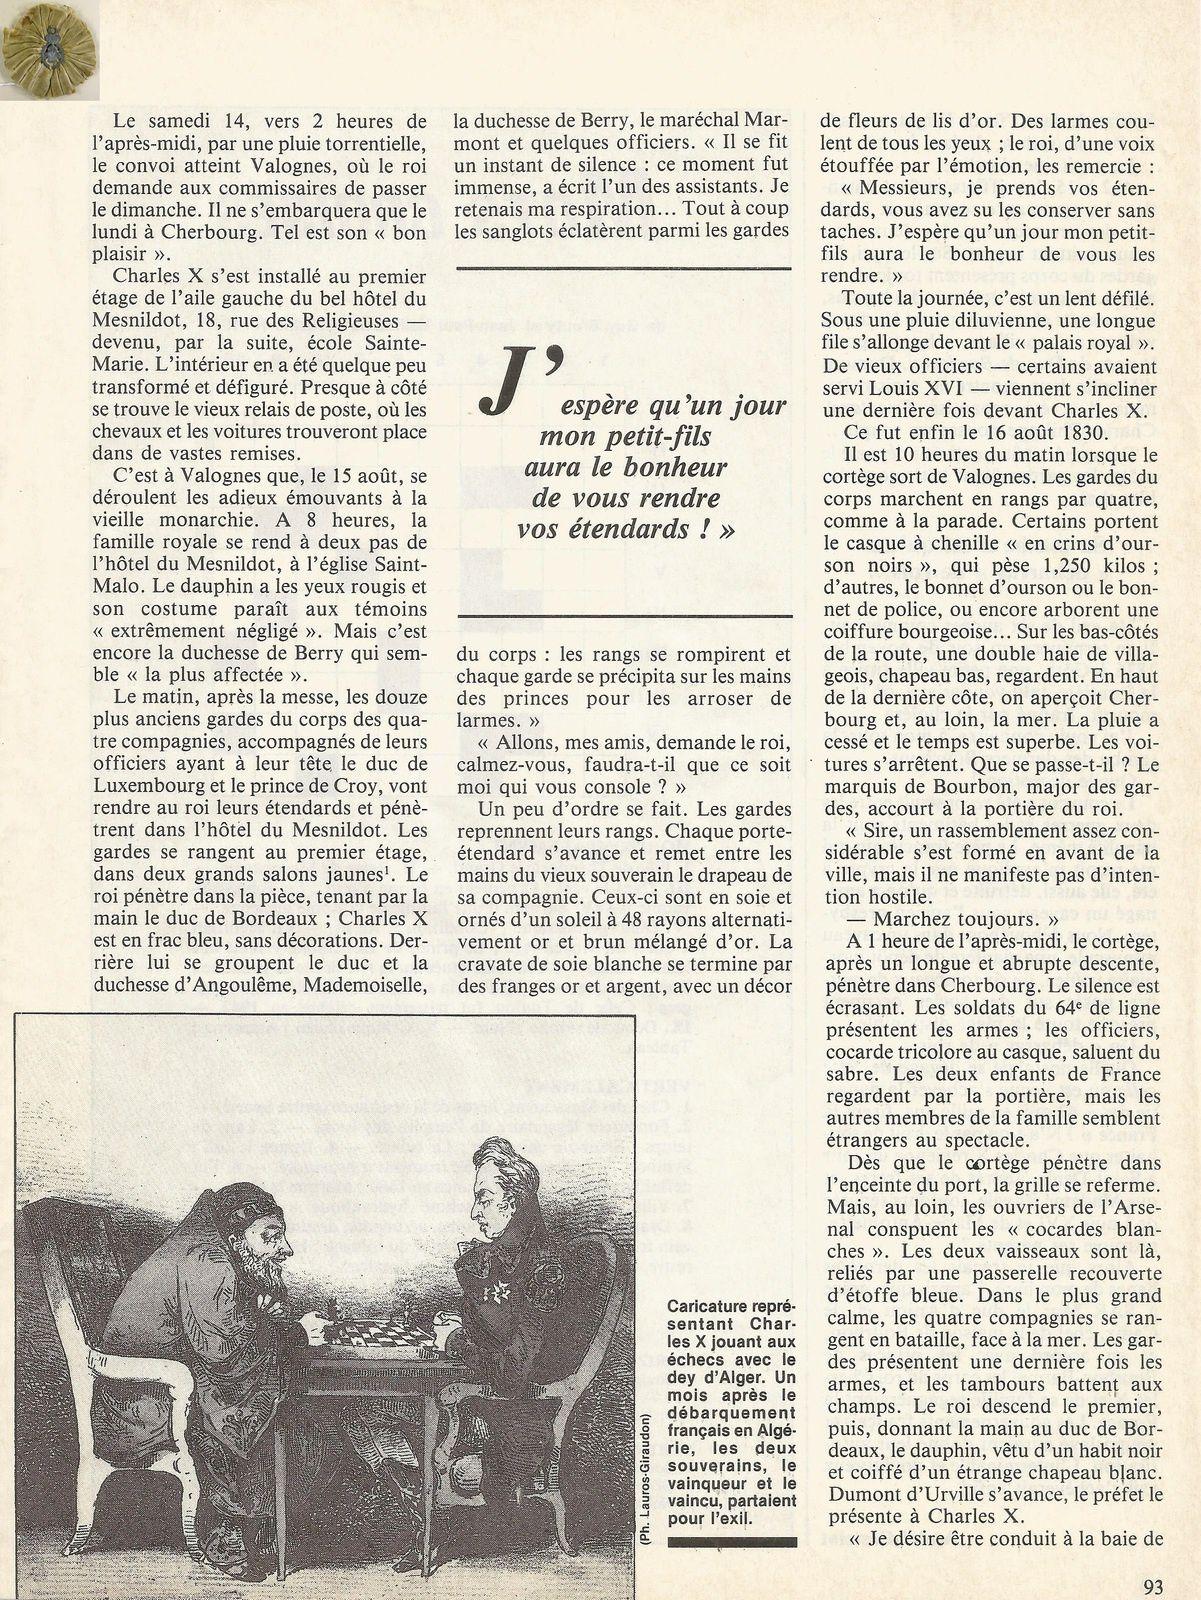 HISTORAMA NUMÉRO 58 - DÉCEMBRE 1988